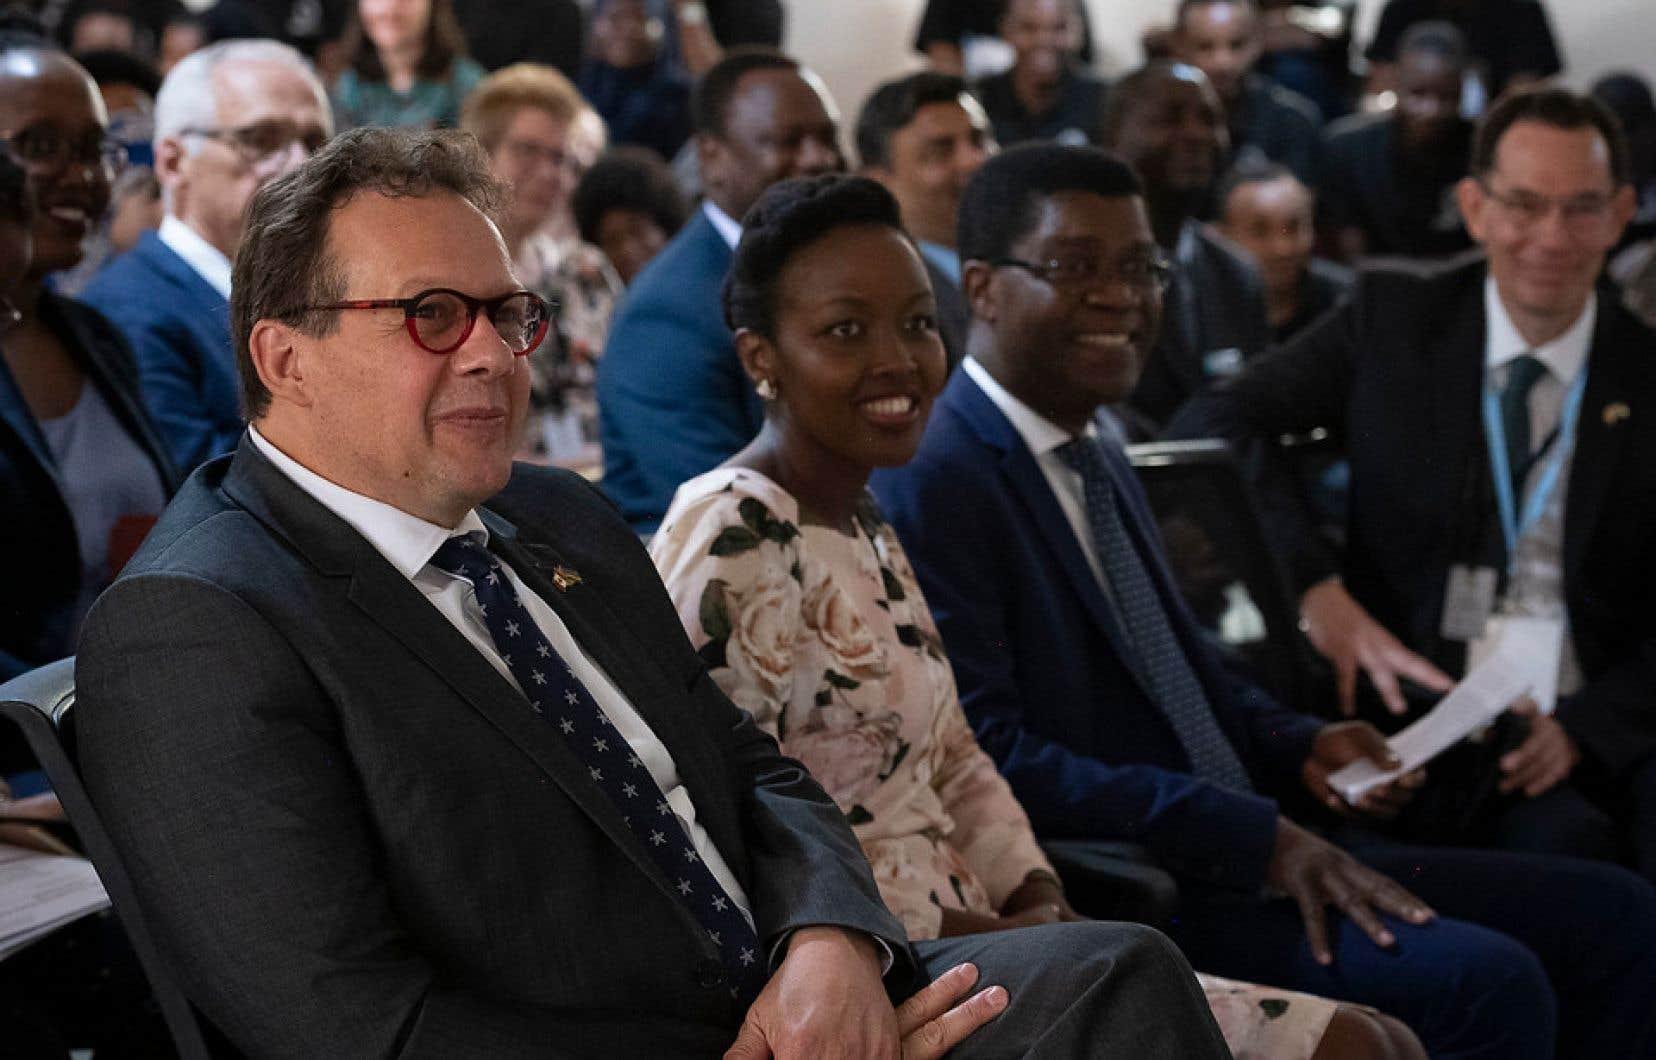 Le président du Centre de recherches pour le développement international, Jean Lebel, aux côtés de la ministre rwandaise de l'information et des communications, de la technologie et de l'innovation, Paula Ingabire, lors d'une visite dans le cadre du 25e anniversaire du génocide au Rwanda.